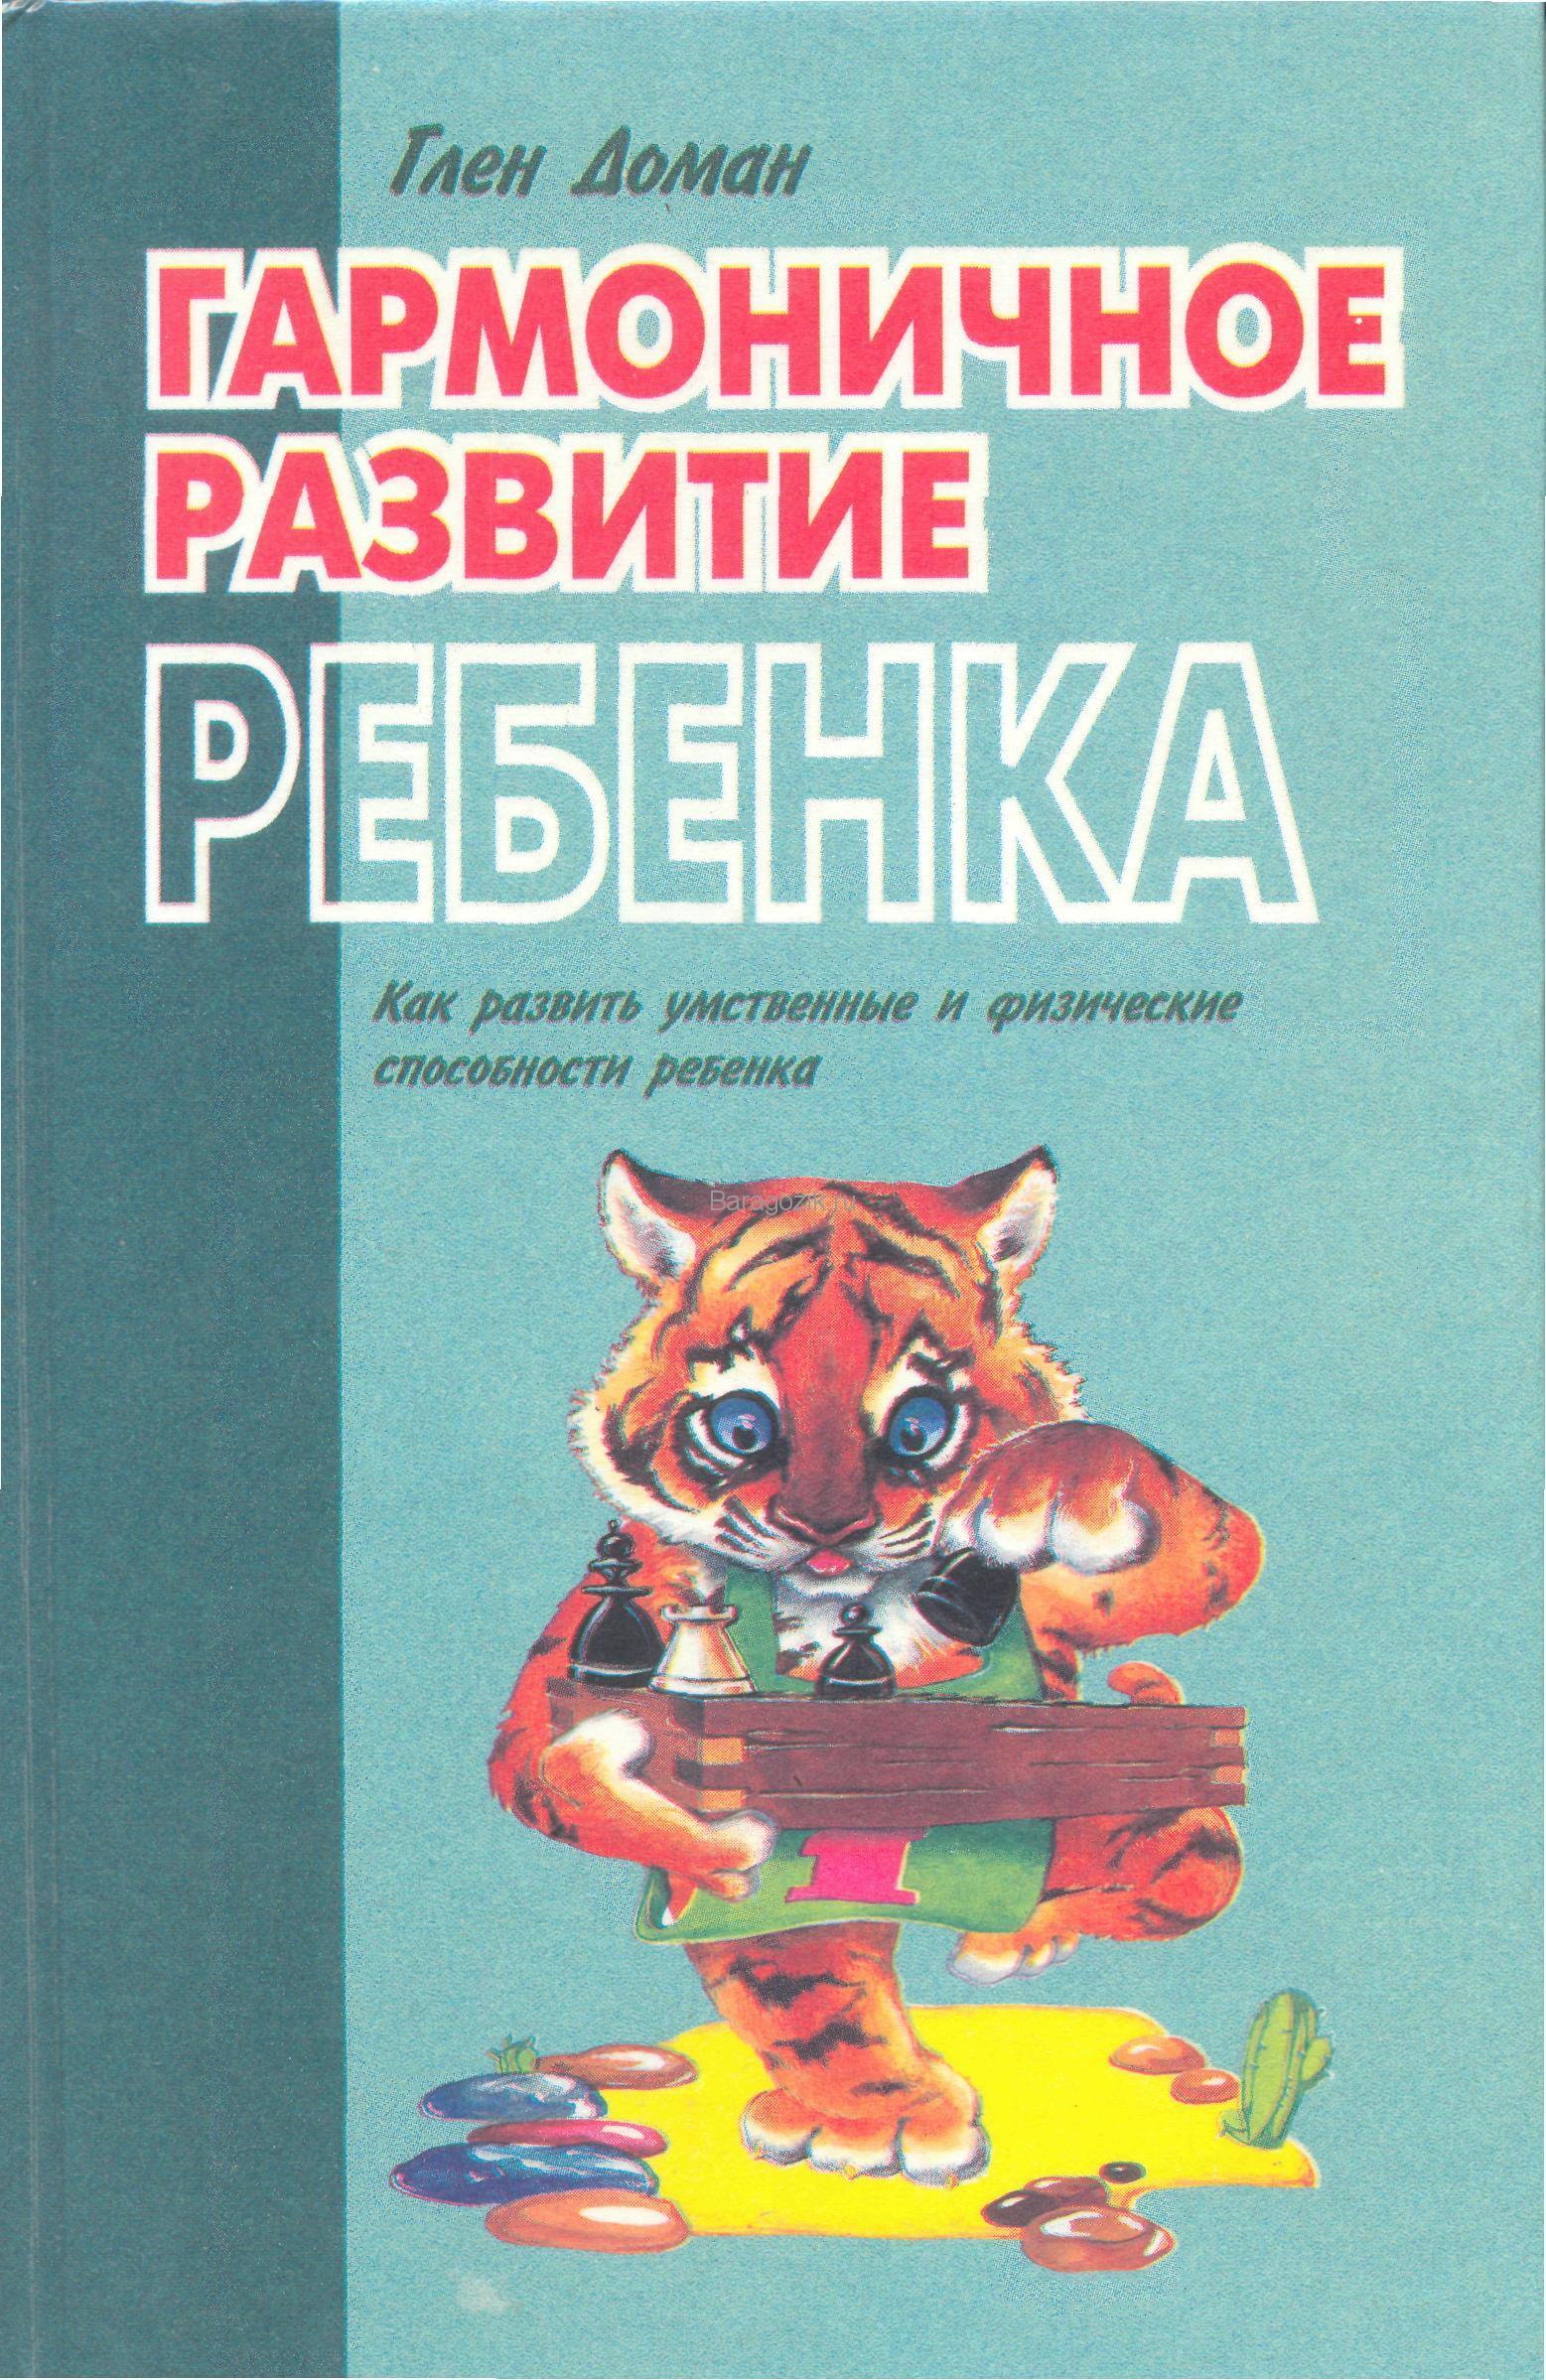 Скачать книги по раннему развитию ребенка